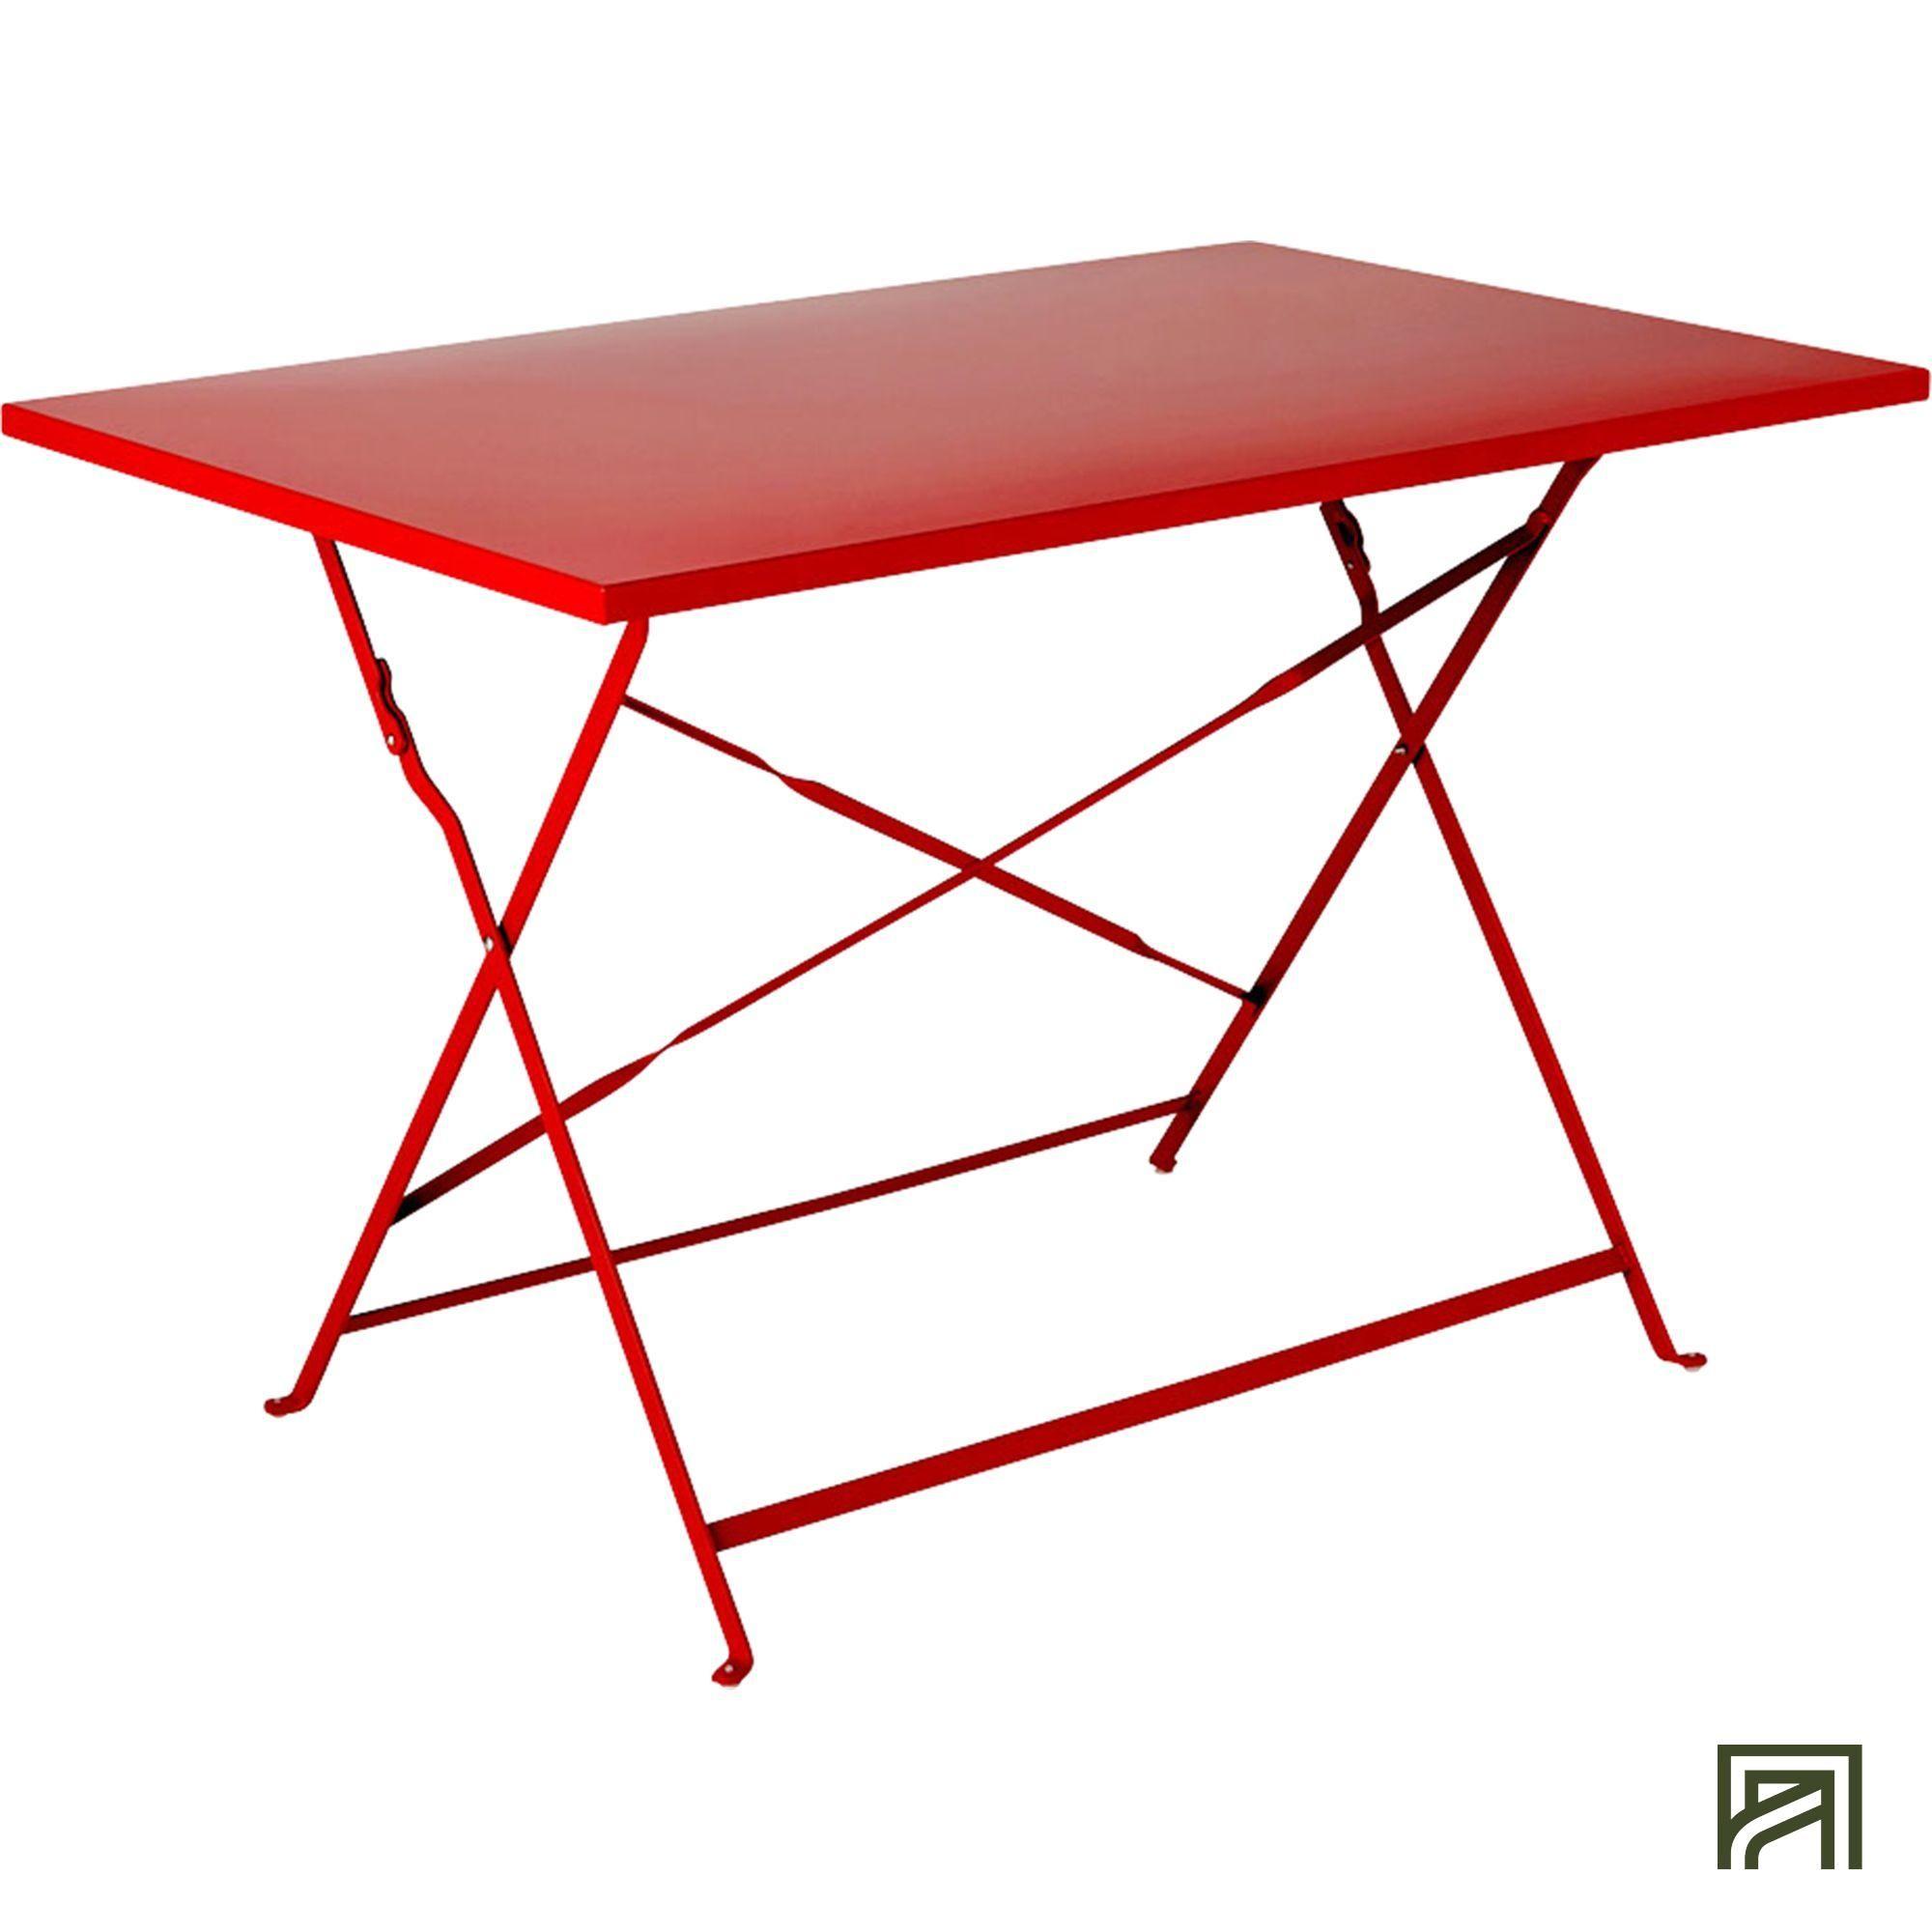 Pims Table de jardin pliante rouge en acier (2 à 4 places) | Pinterest